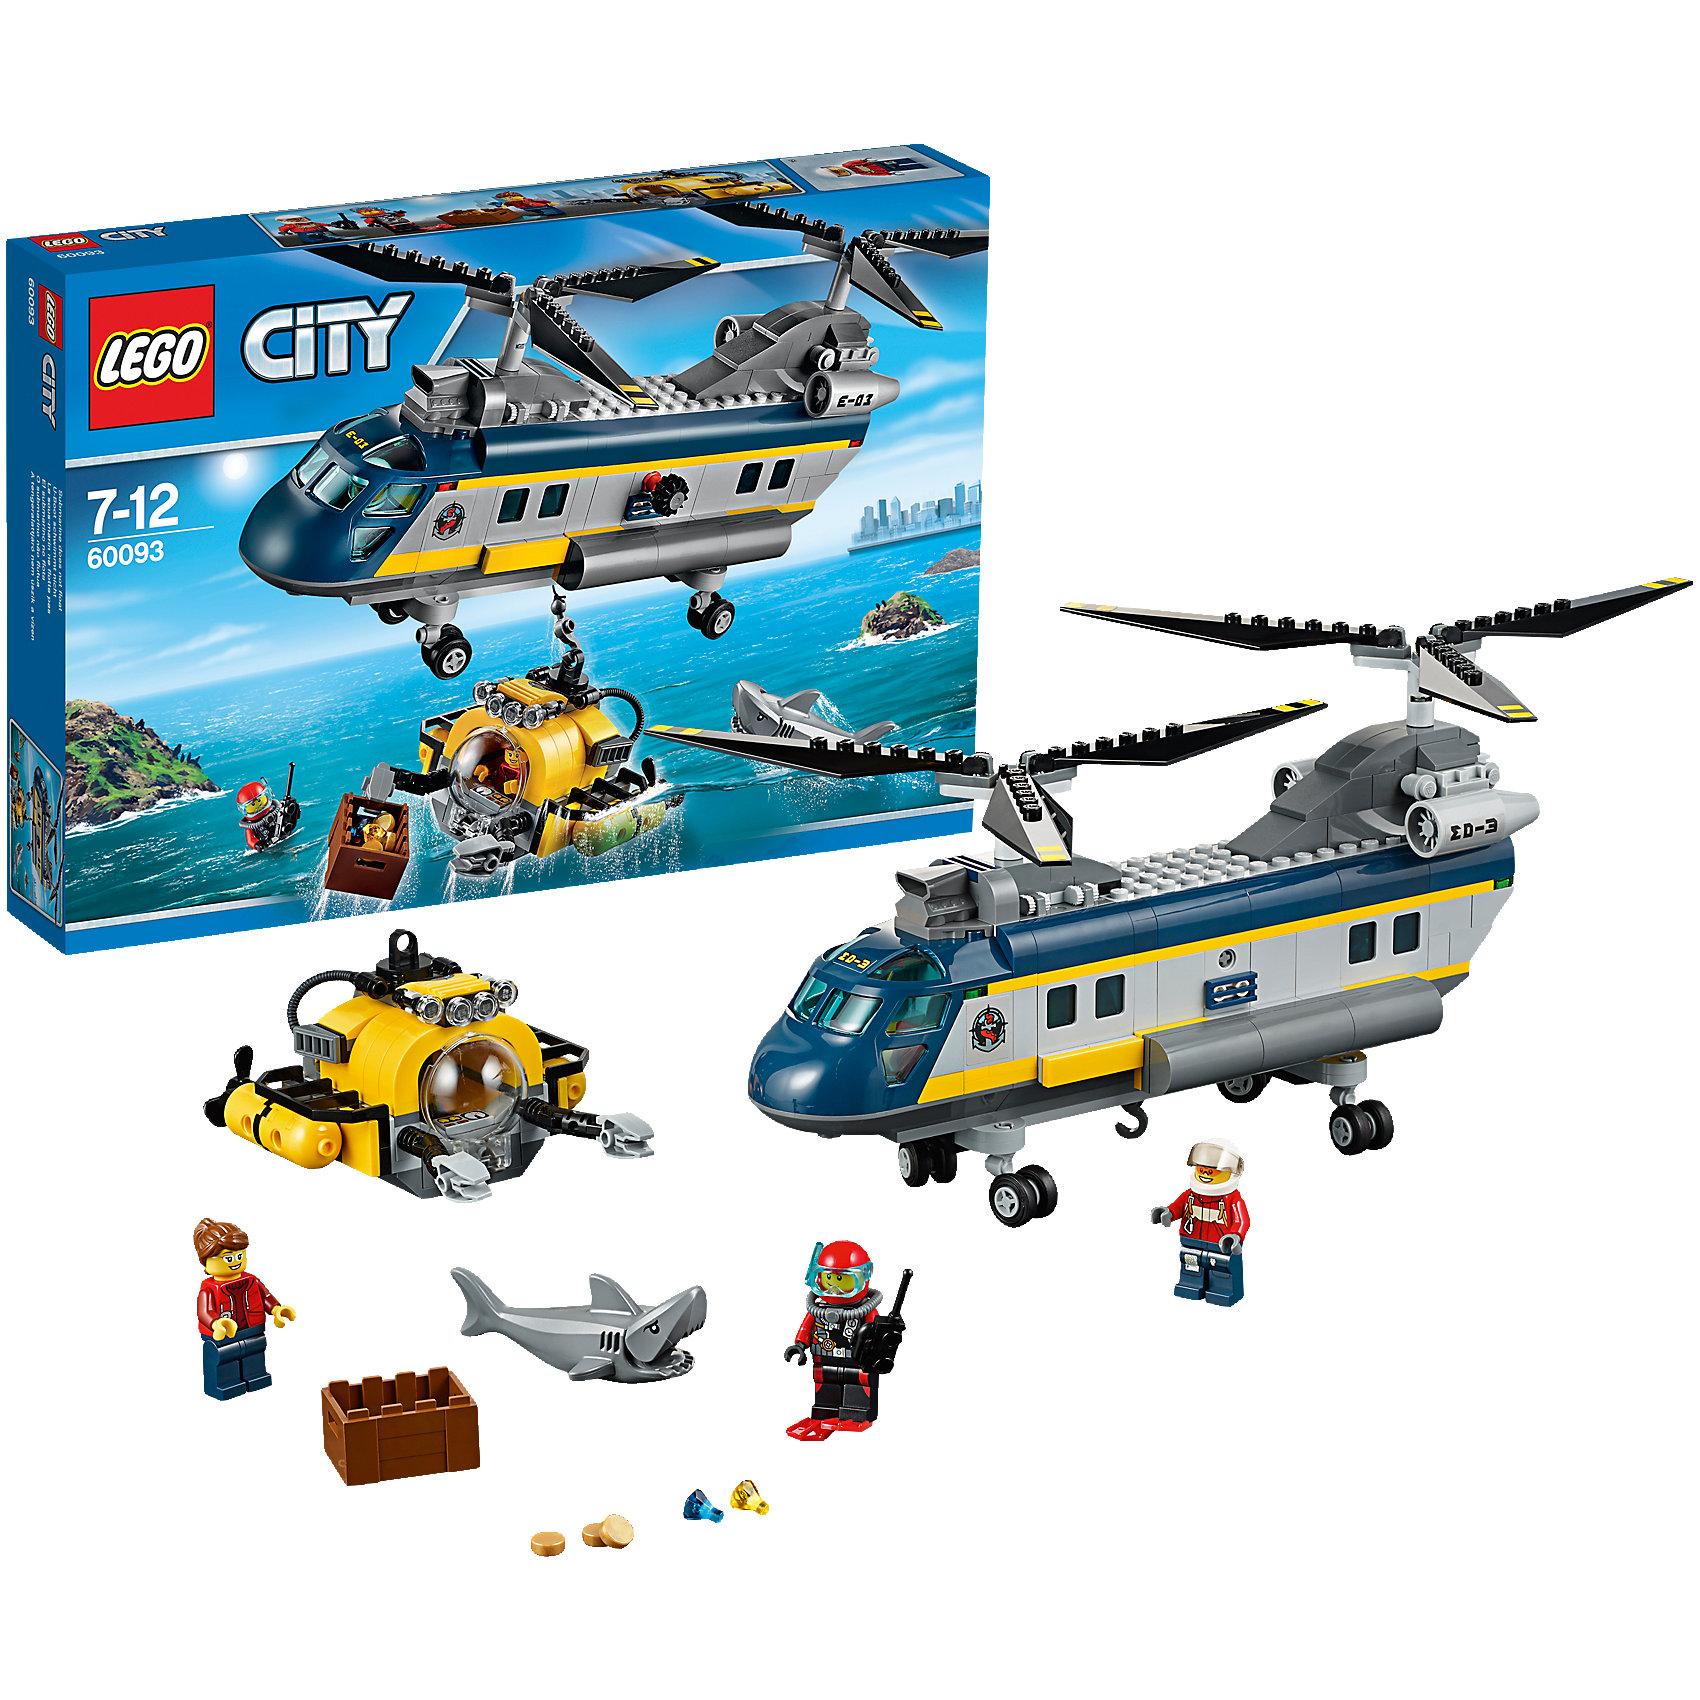 LEGO LEGO City 60093: Вертолет исследователей моря lego city 60123 лего сити грузовой вертолёт исследователей вулканов